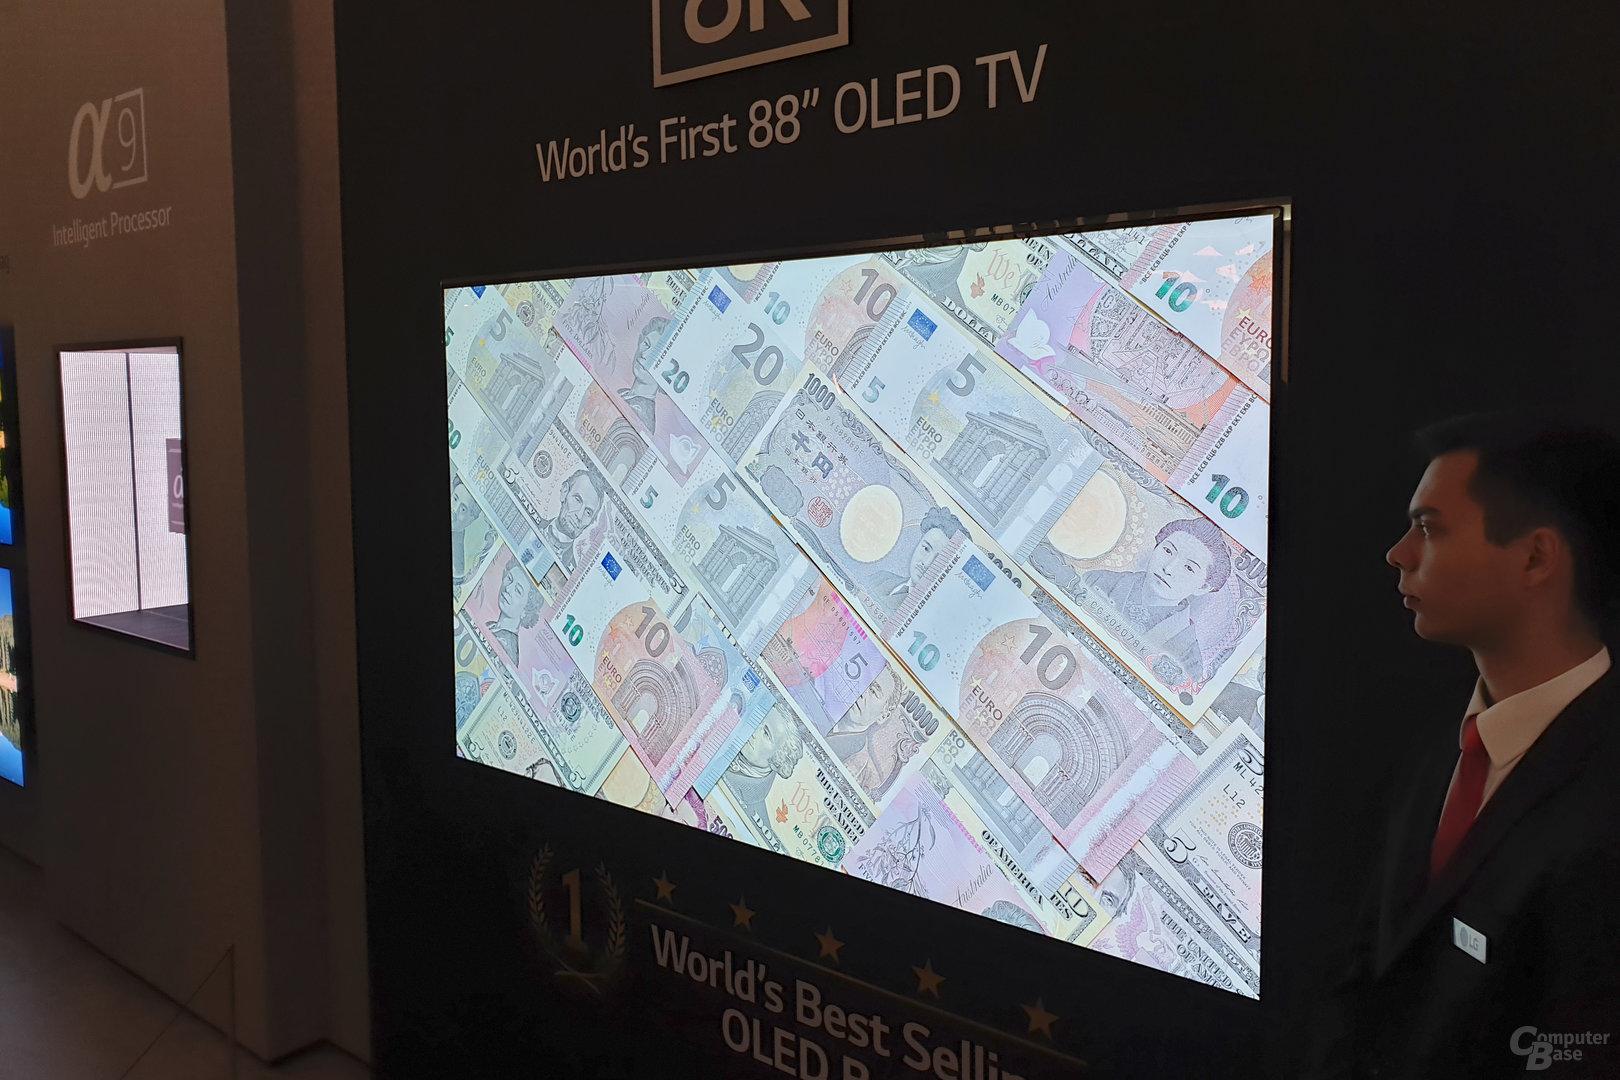 88-Zoll-OLED von LG auf der IFA